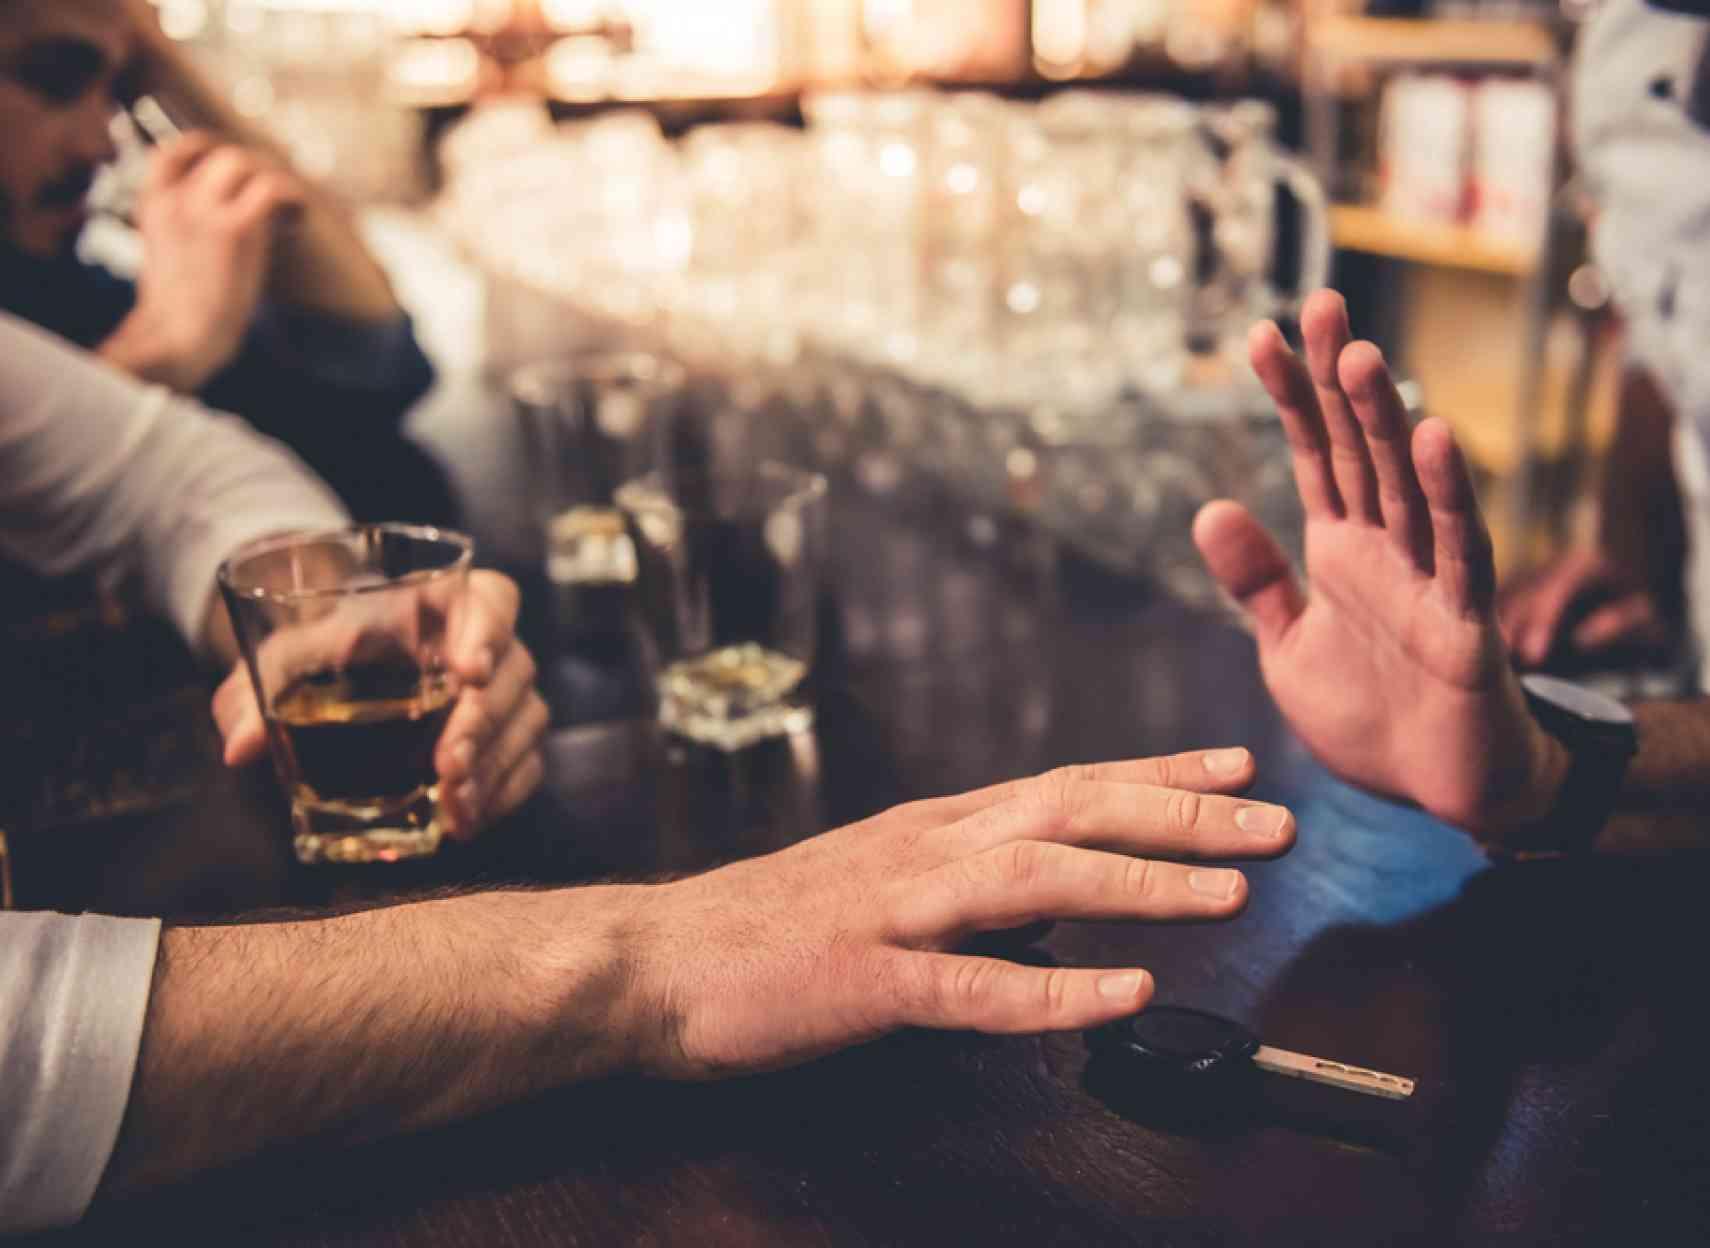 Les canadiens plus responsables concernant l'alcool au volant